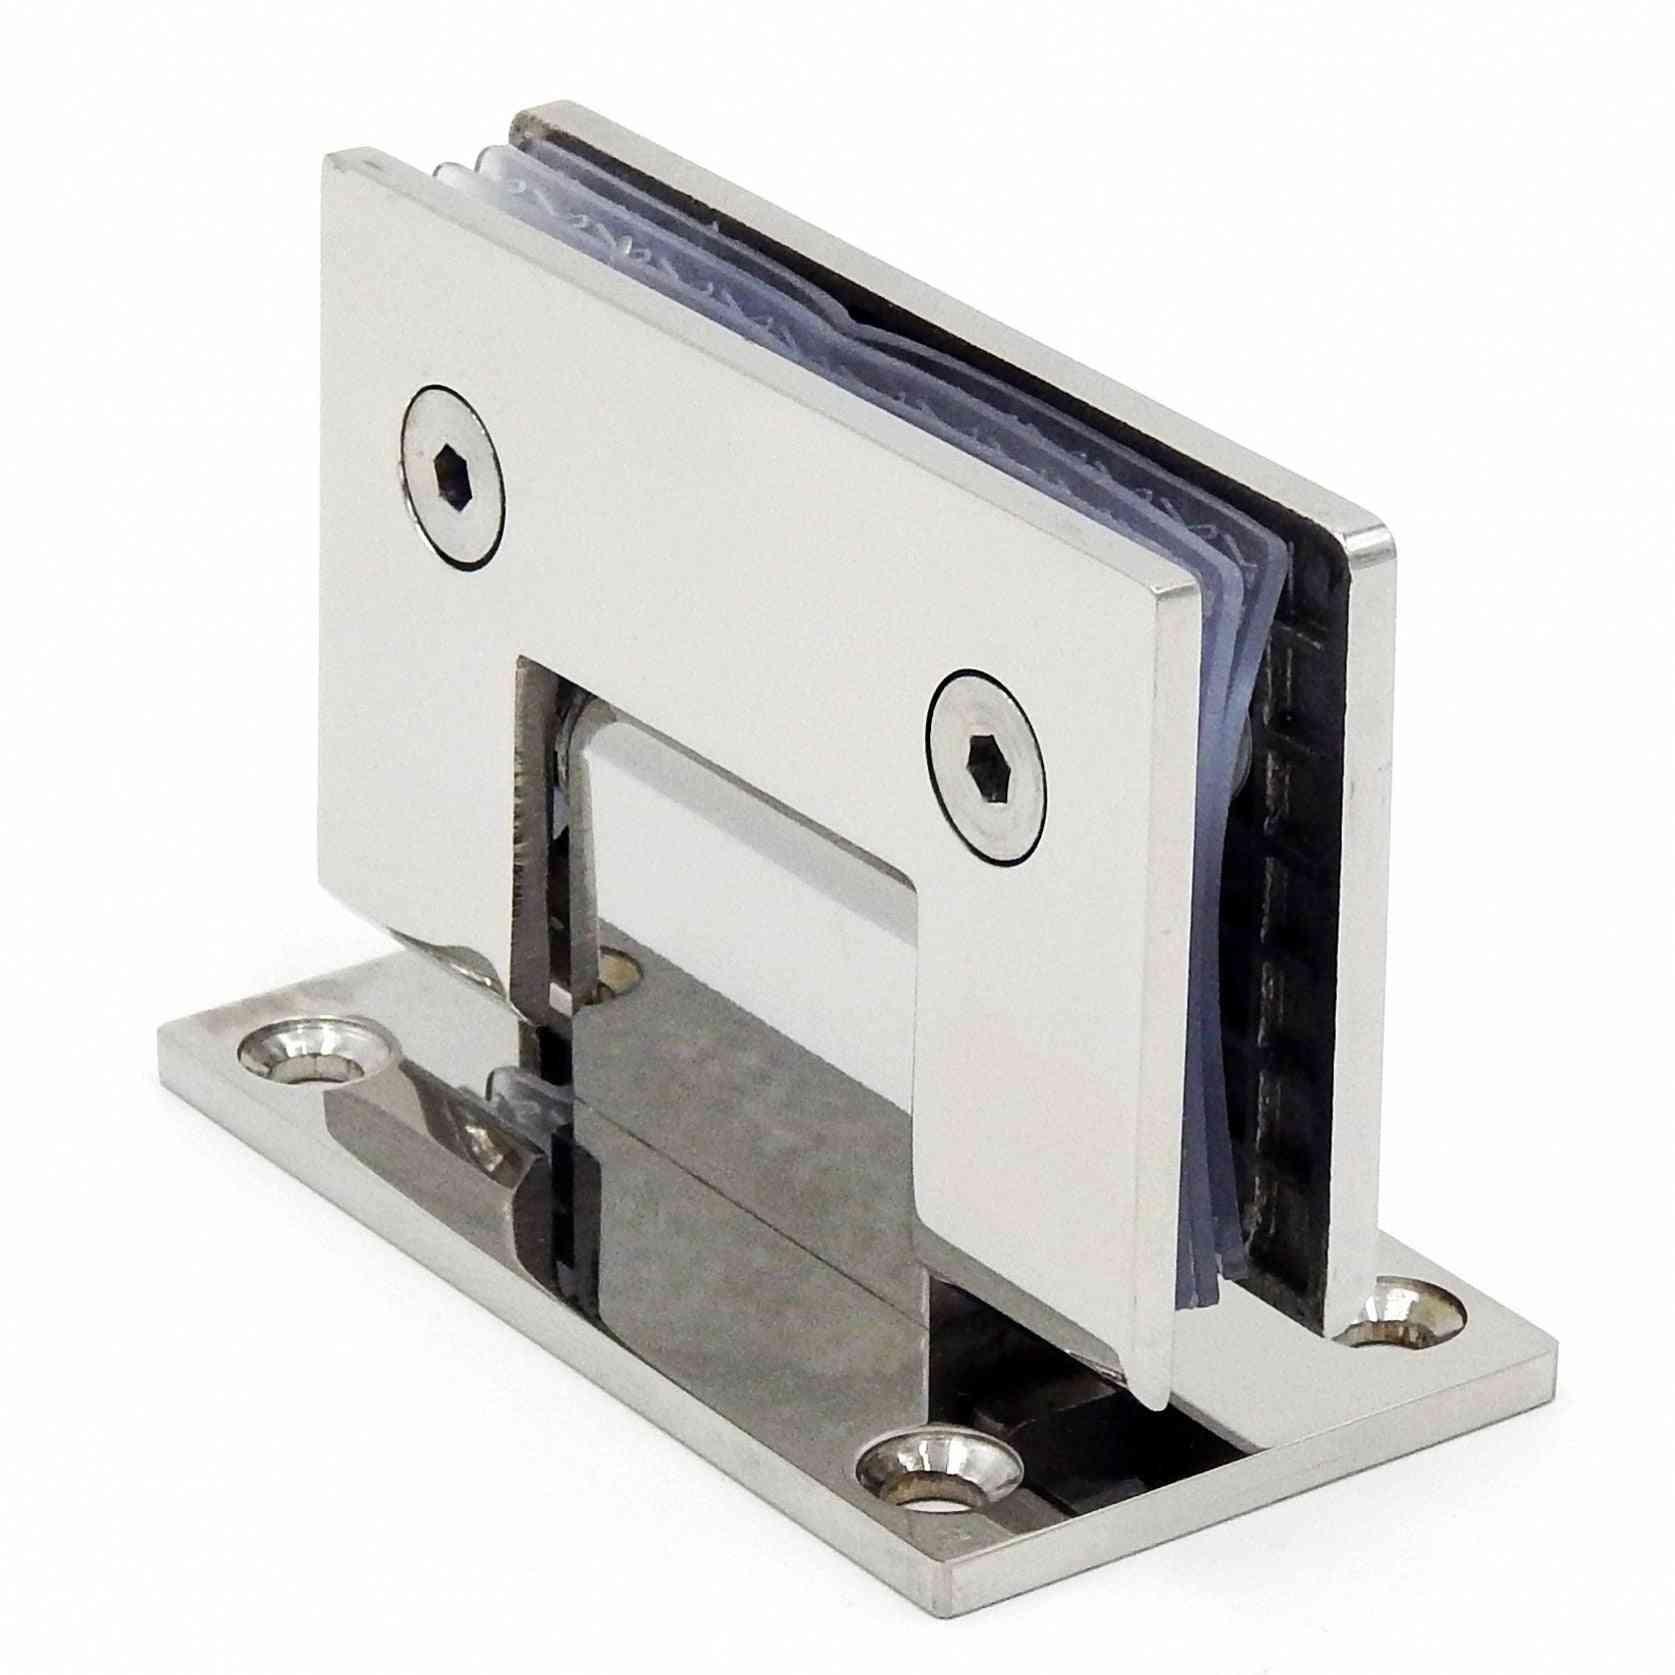 Stainless Steel Frameless Glass Door Hinge, 90 Degrees Folding Clip